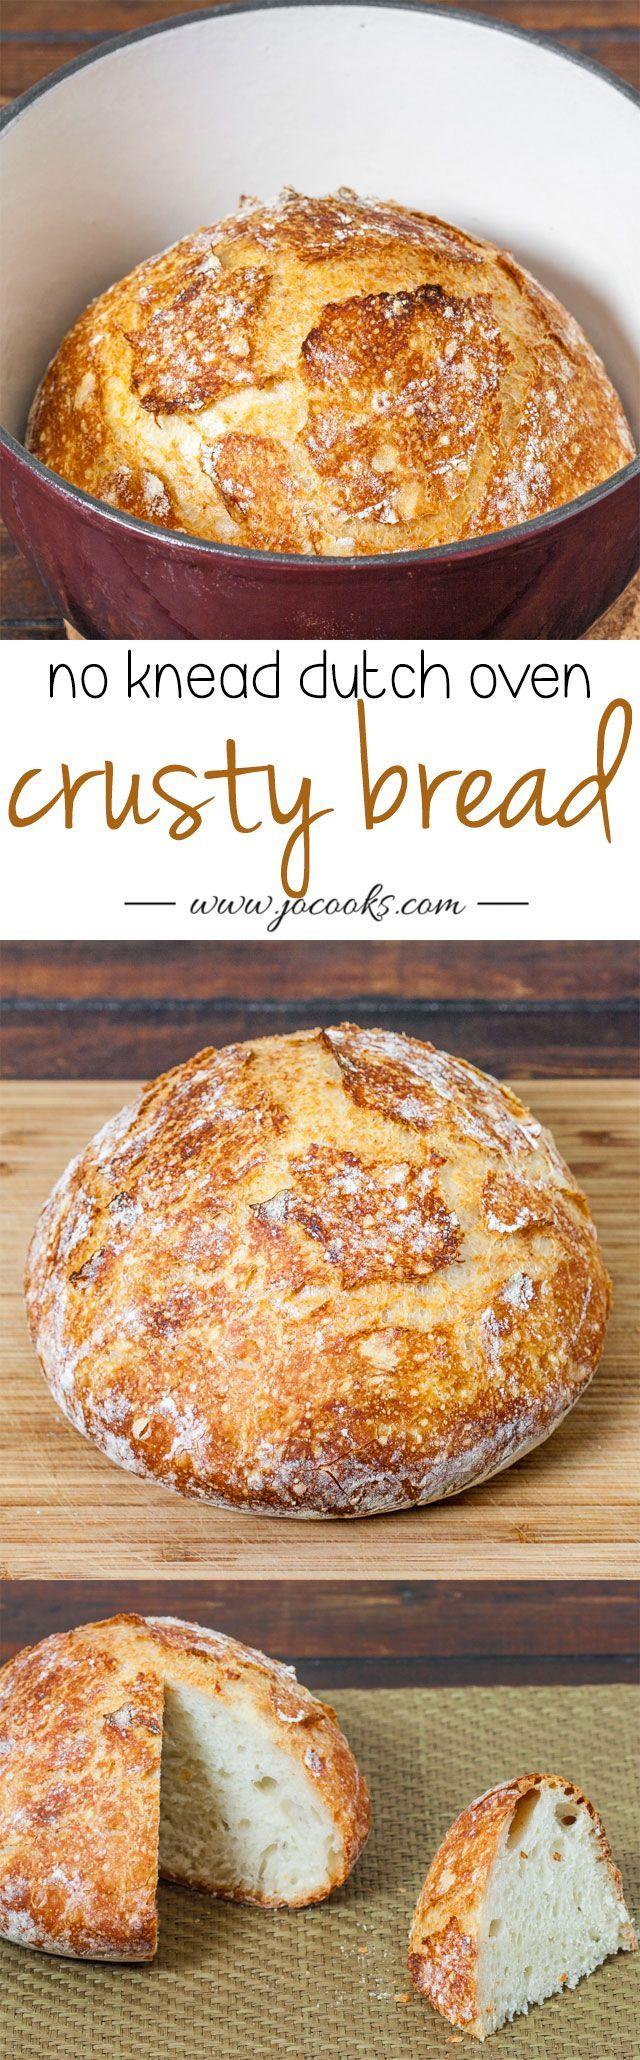 No Knead Dutch Oven Crusty Bread #bread #foodporn #dan330 http://livedan330.com/2015/02/01/no-knead-dutch-oven-crusty-bread/